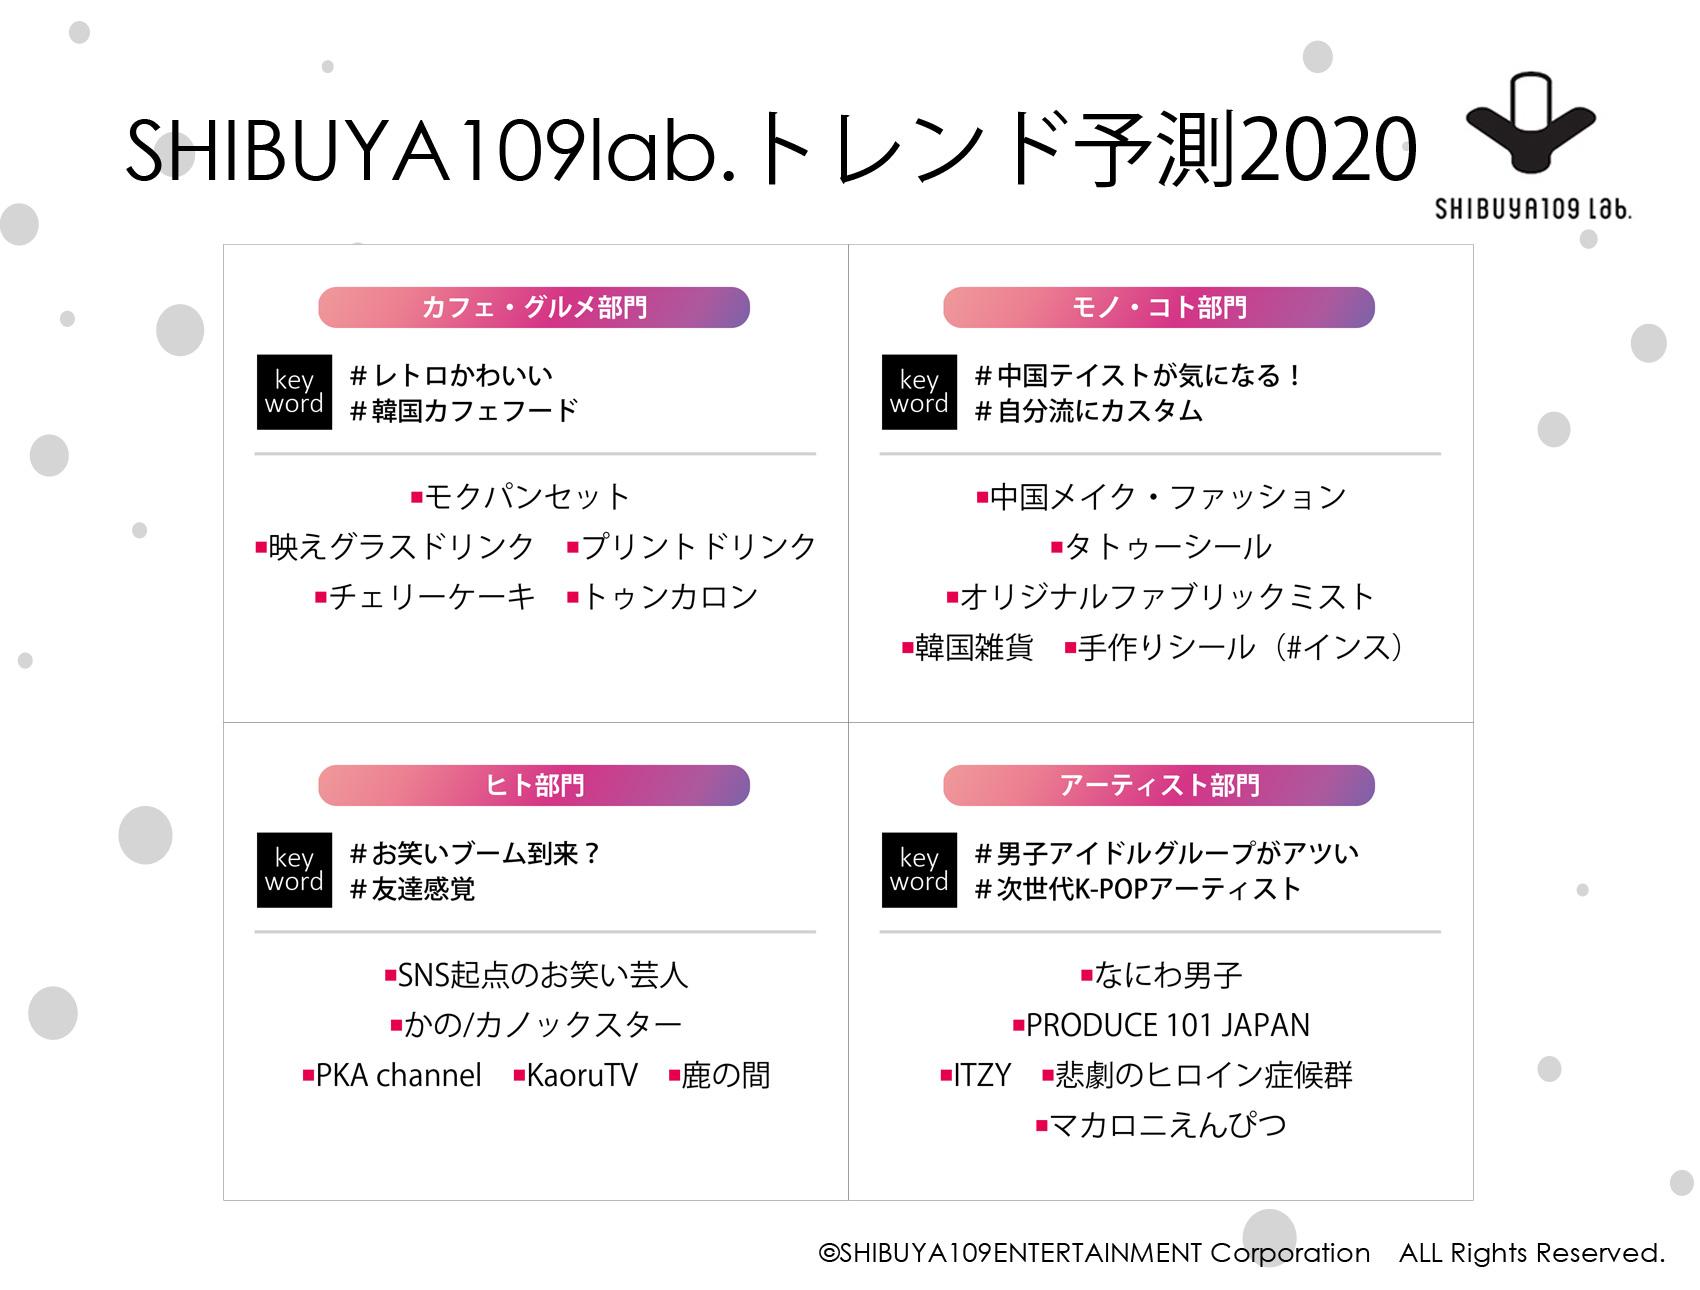 『SHIBUYA109 lab.トレンド予測2020』 2020年のキーワードは「応援消費」「中国テ... 画像